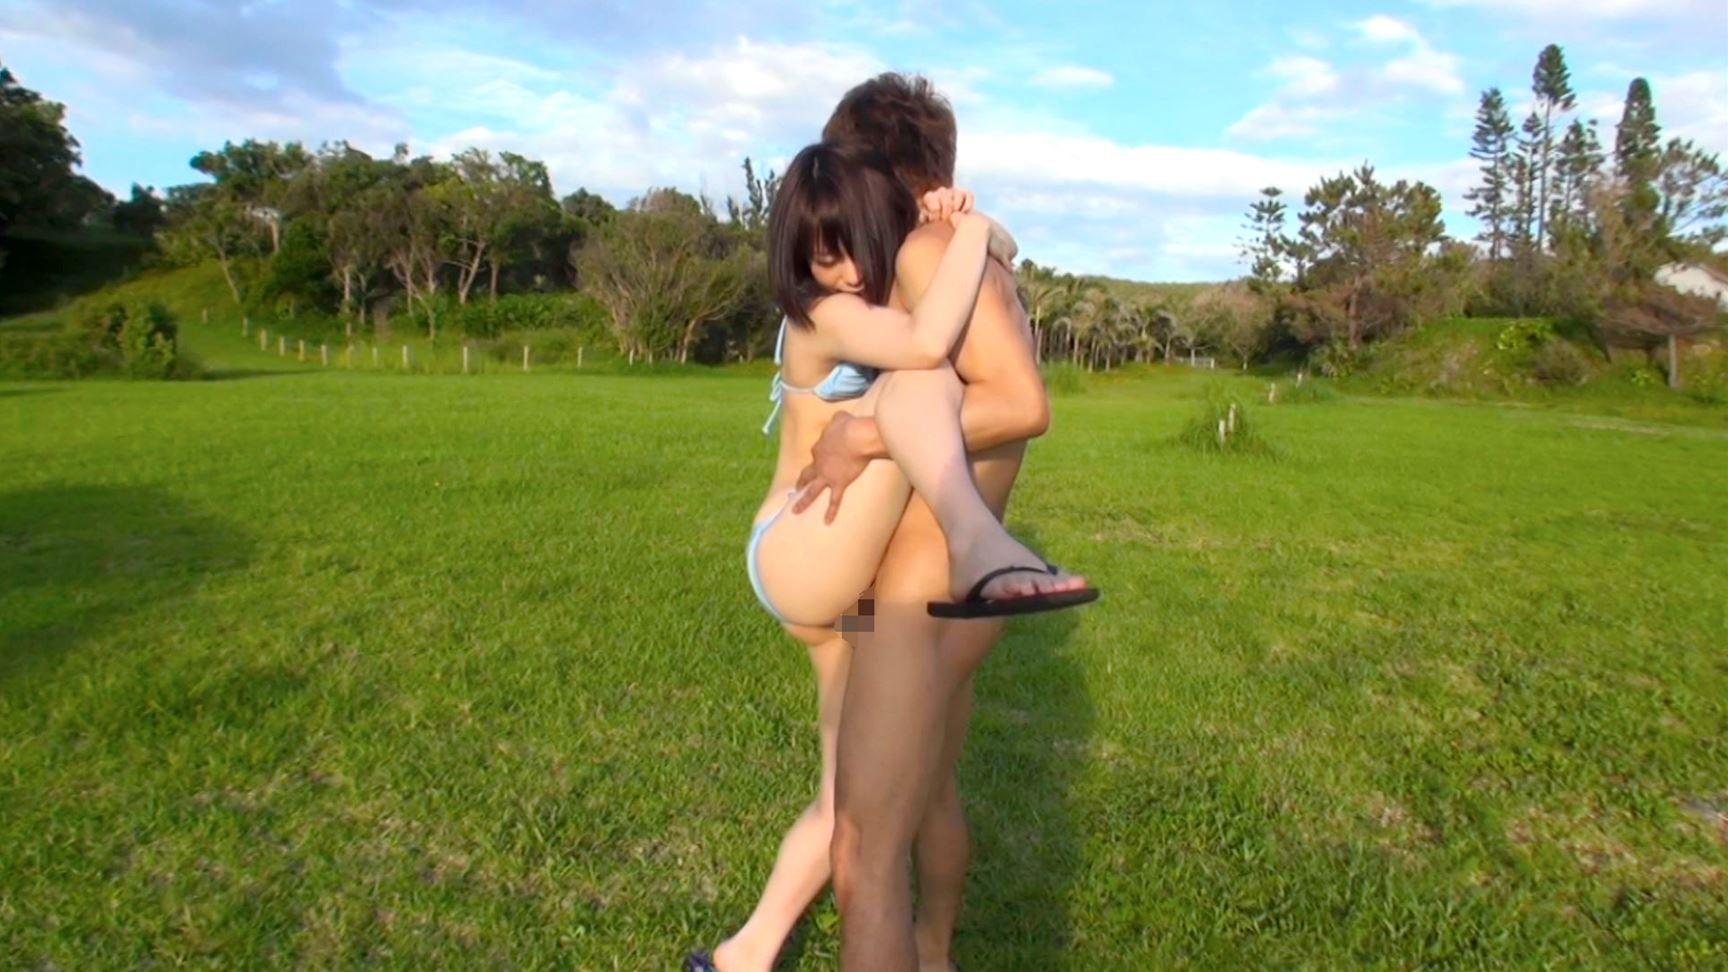 【性交エロ画像】まず片脚を抱えて…バック以外でも可能な立位セックスwww 10